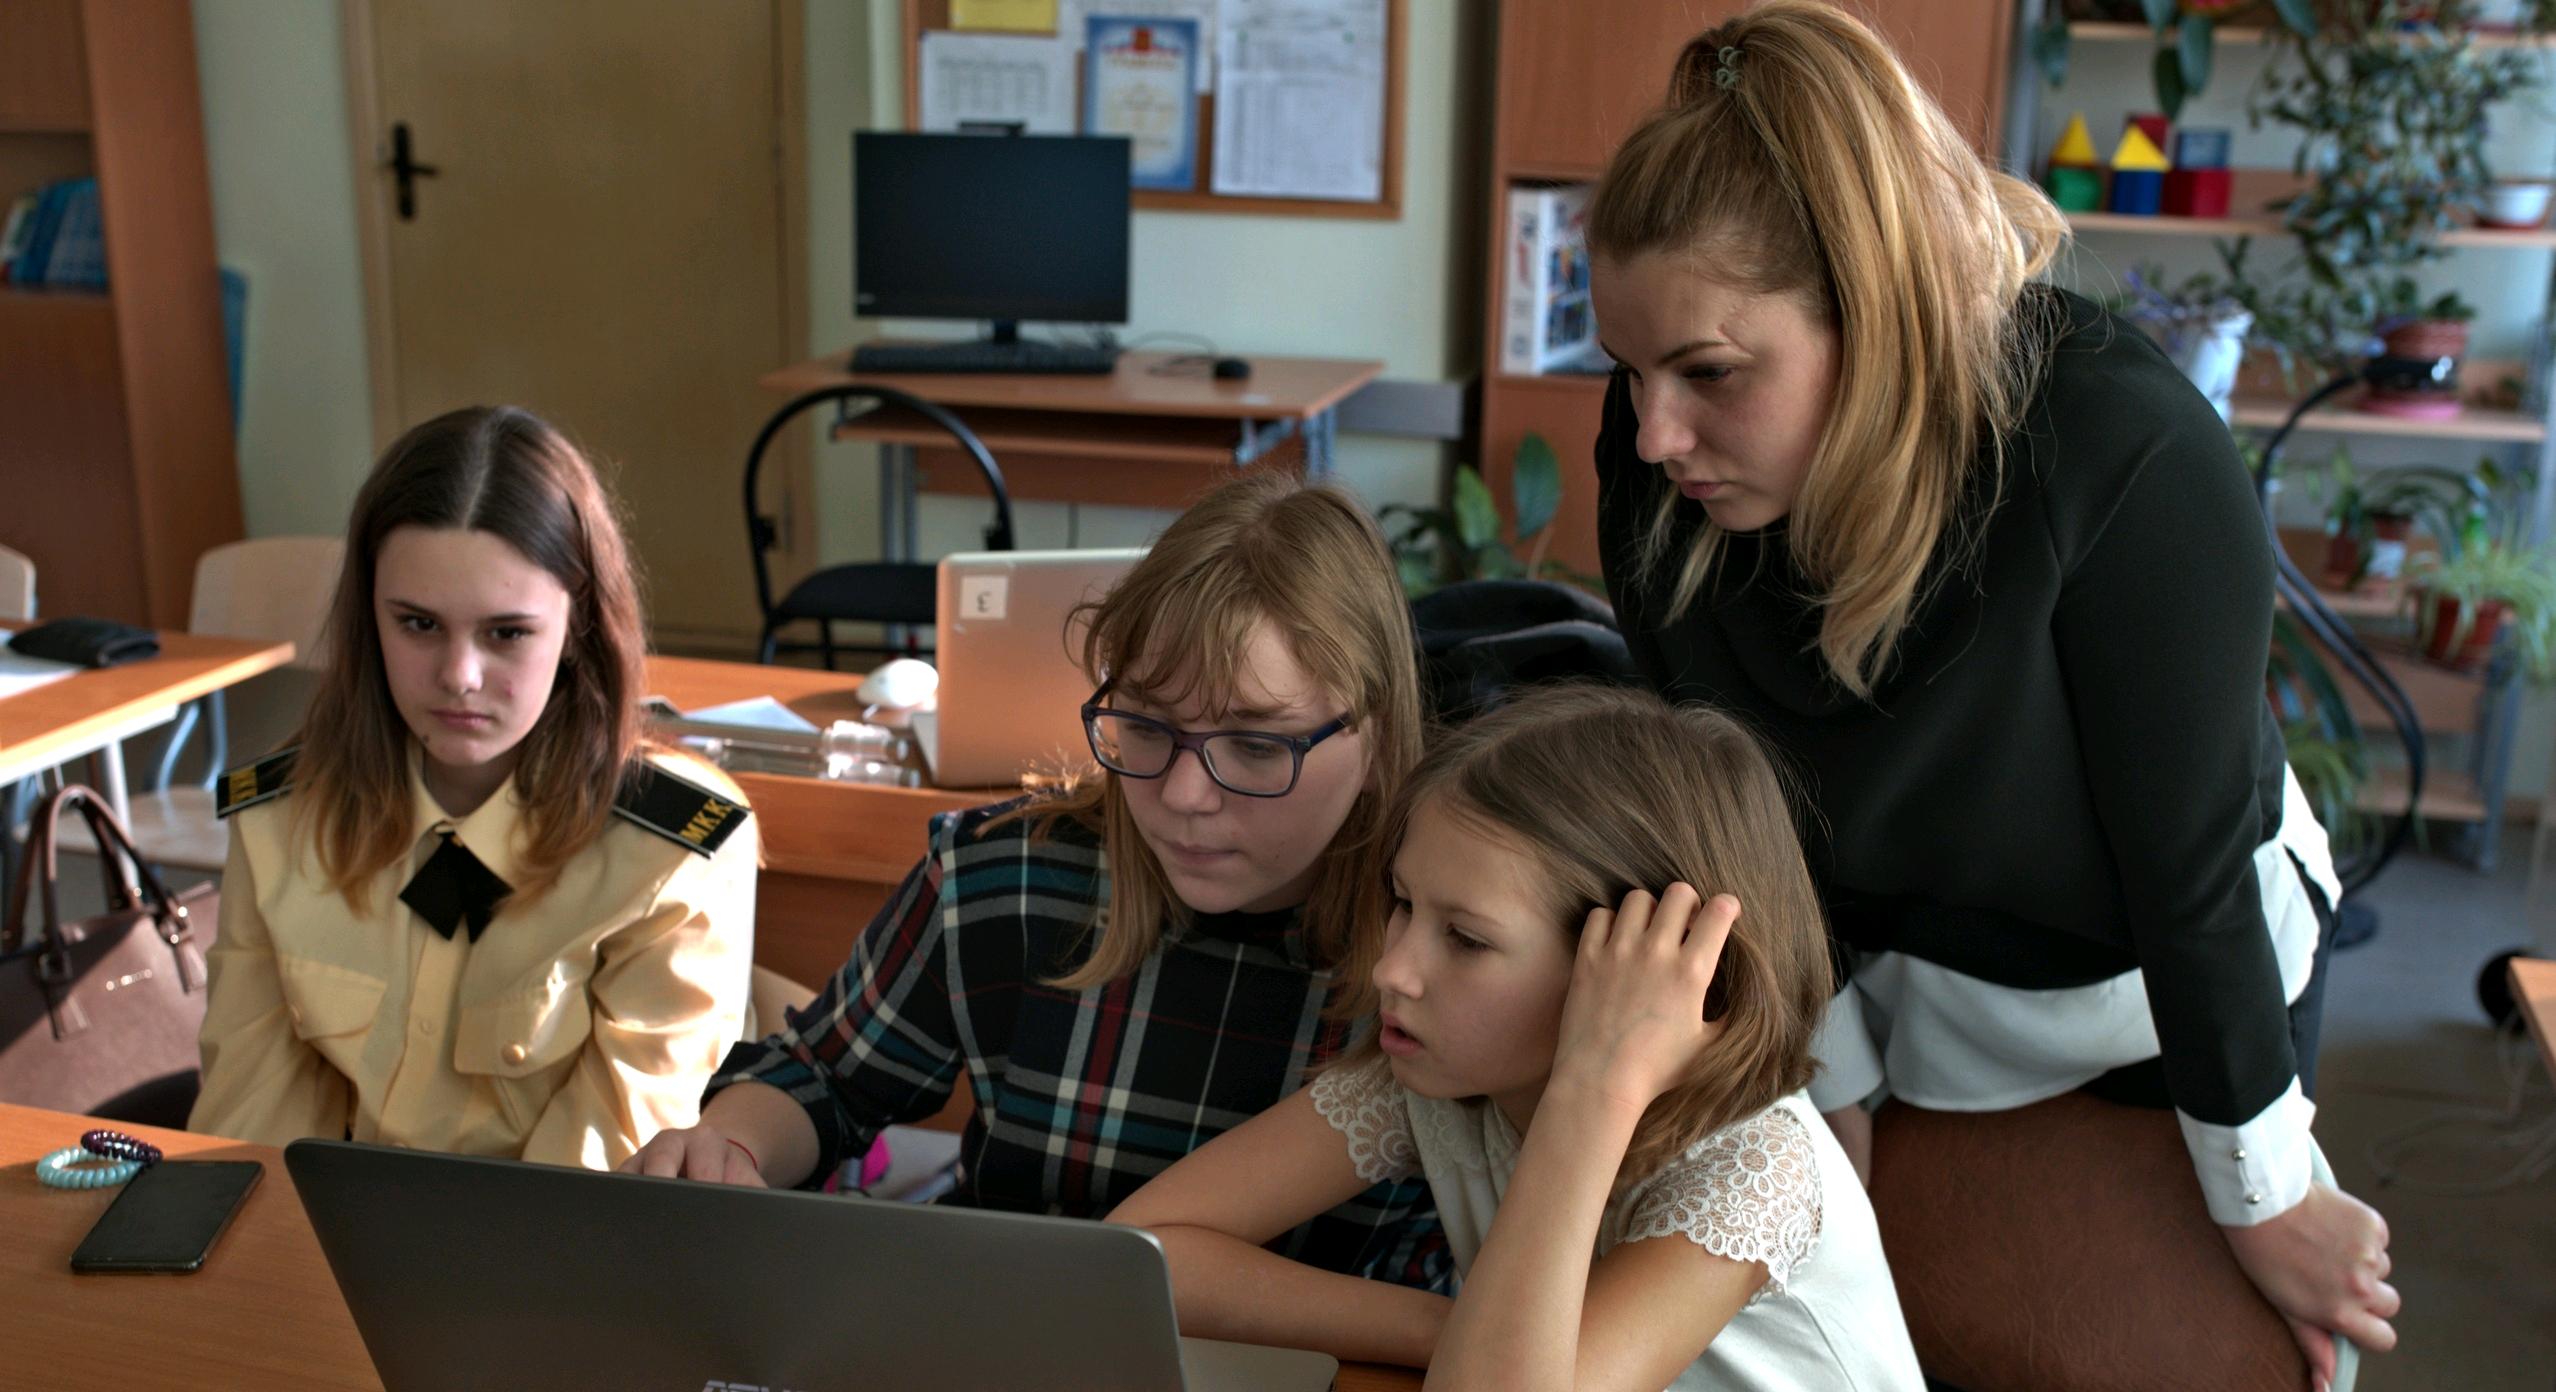 Для записи видео школьники смогут использовать и мобильный телефон. Фото: официальная страница студии «МЫ — будущее» в социальных сетях